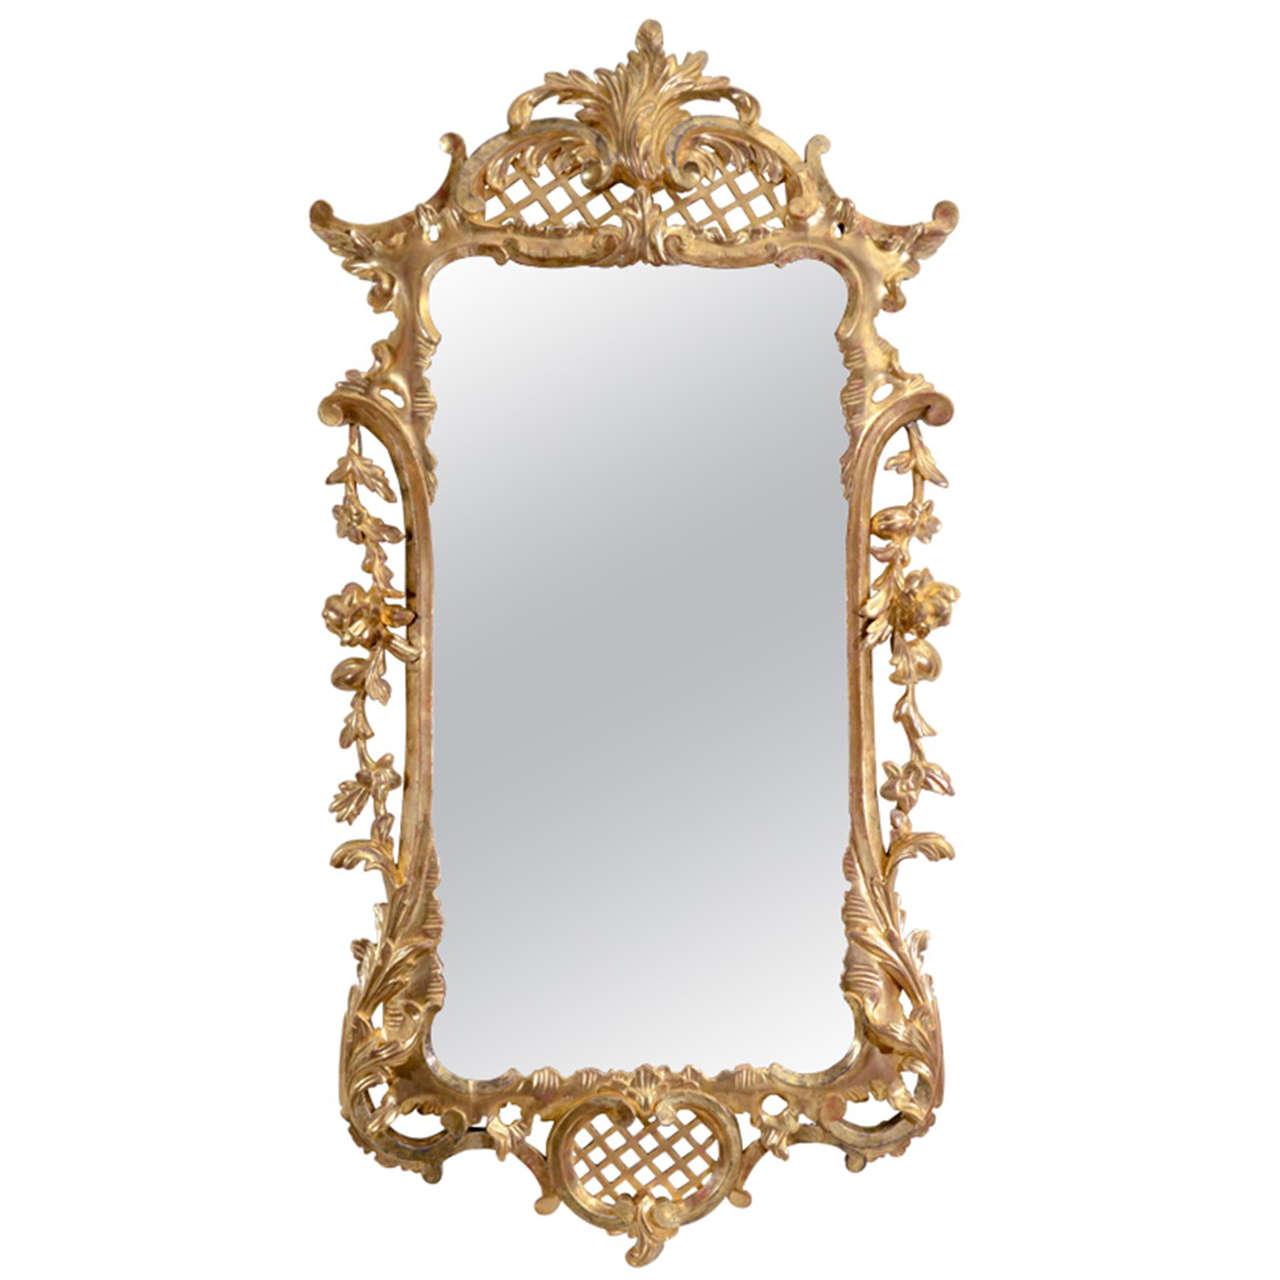 Unusual George II Carved Giltwood Mirror